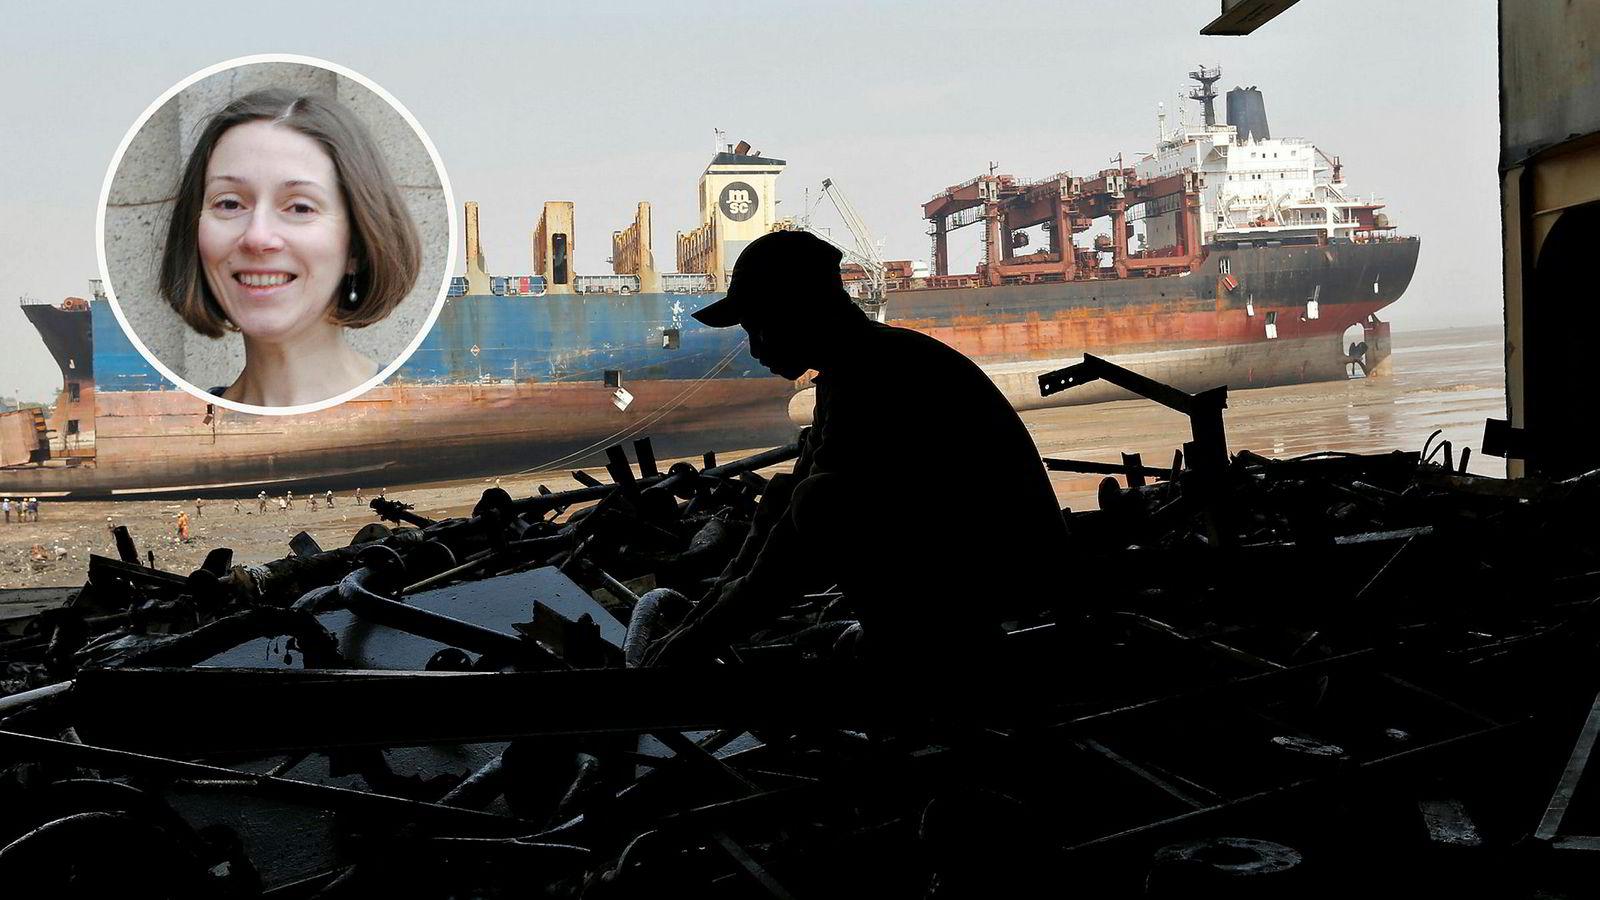 En arbeider sorterer deler av en motor på et vraket skip på stranden i Alang i India i 2015. Det var i denne byen to norske skip ble hugget opp tidligere i 2019.